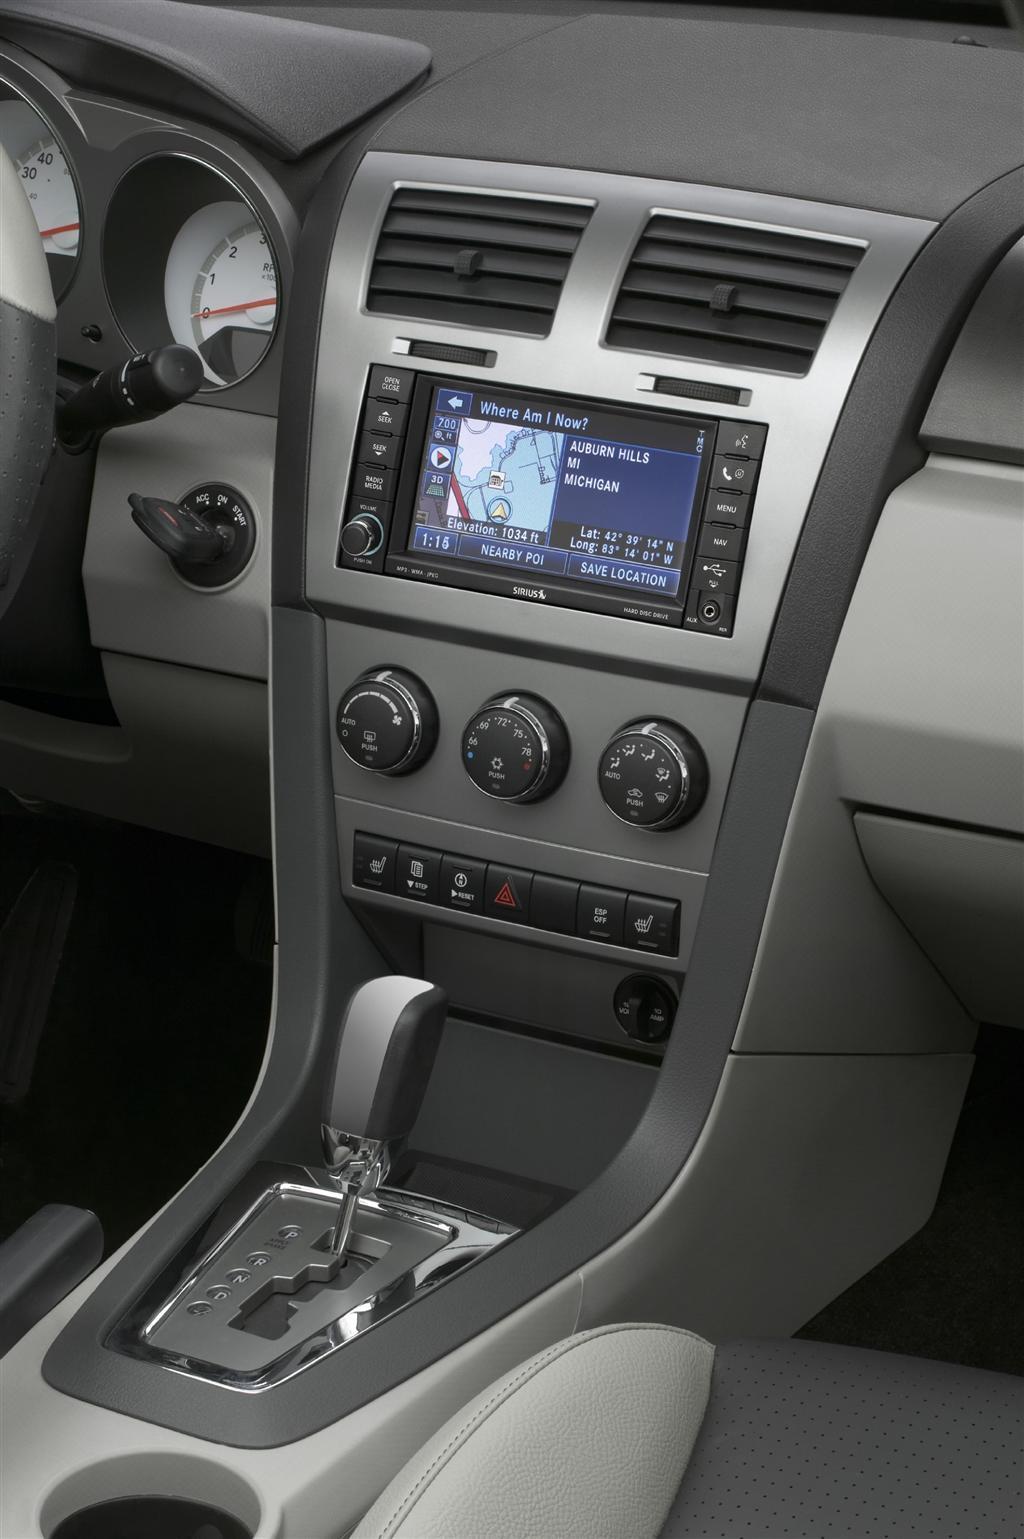 2010 Dodge Avenger Conceptcarz Com